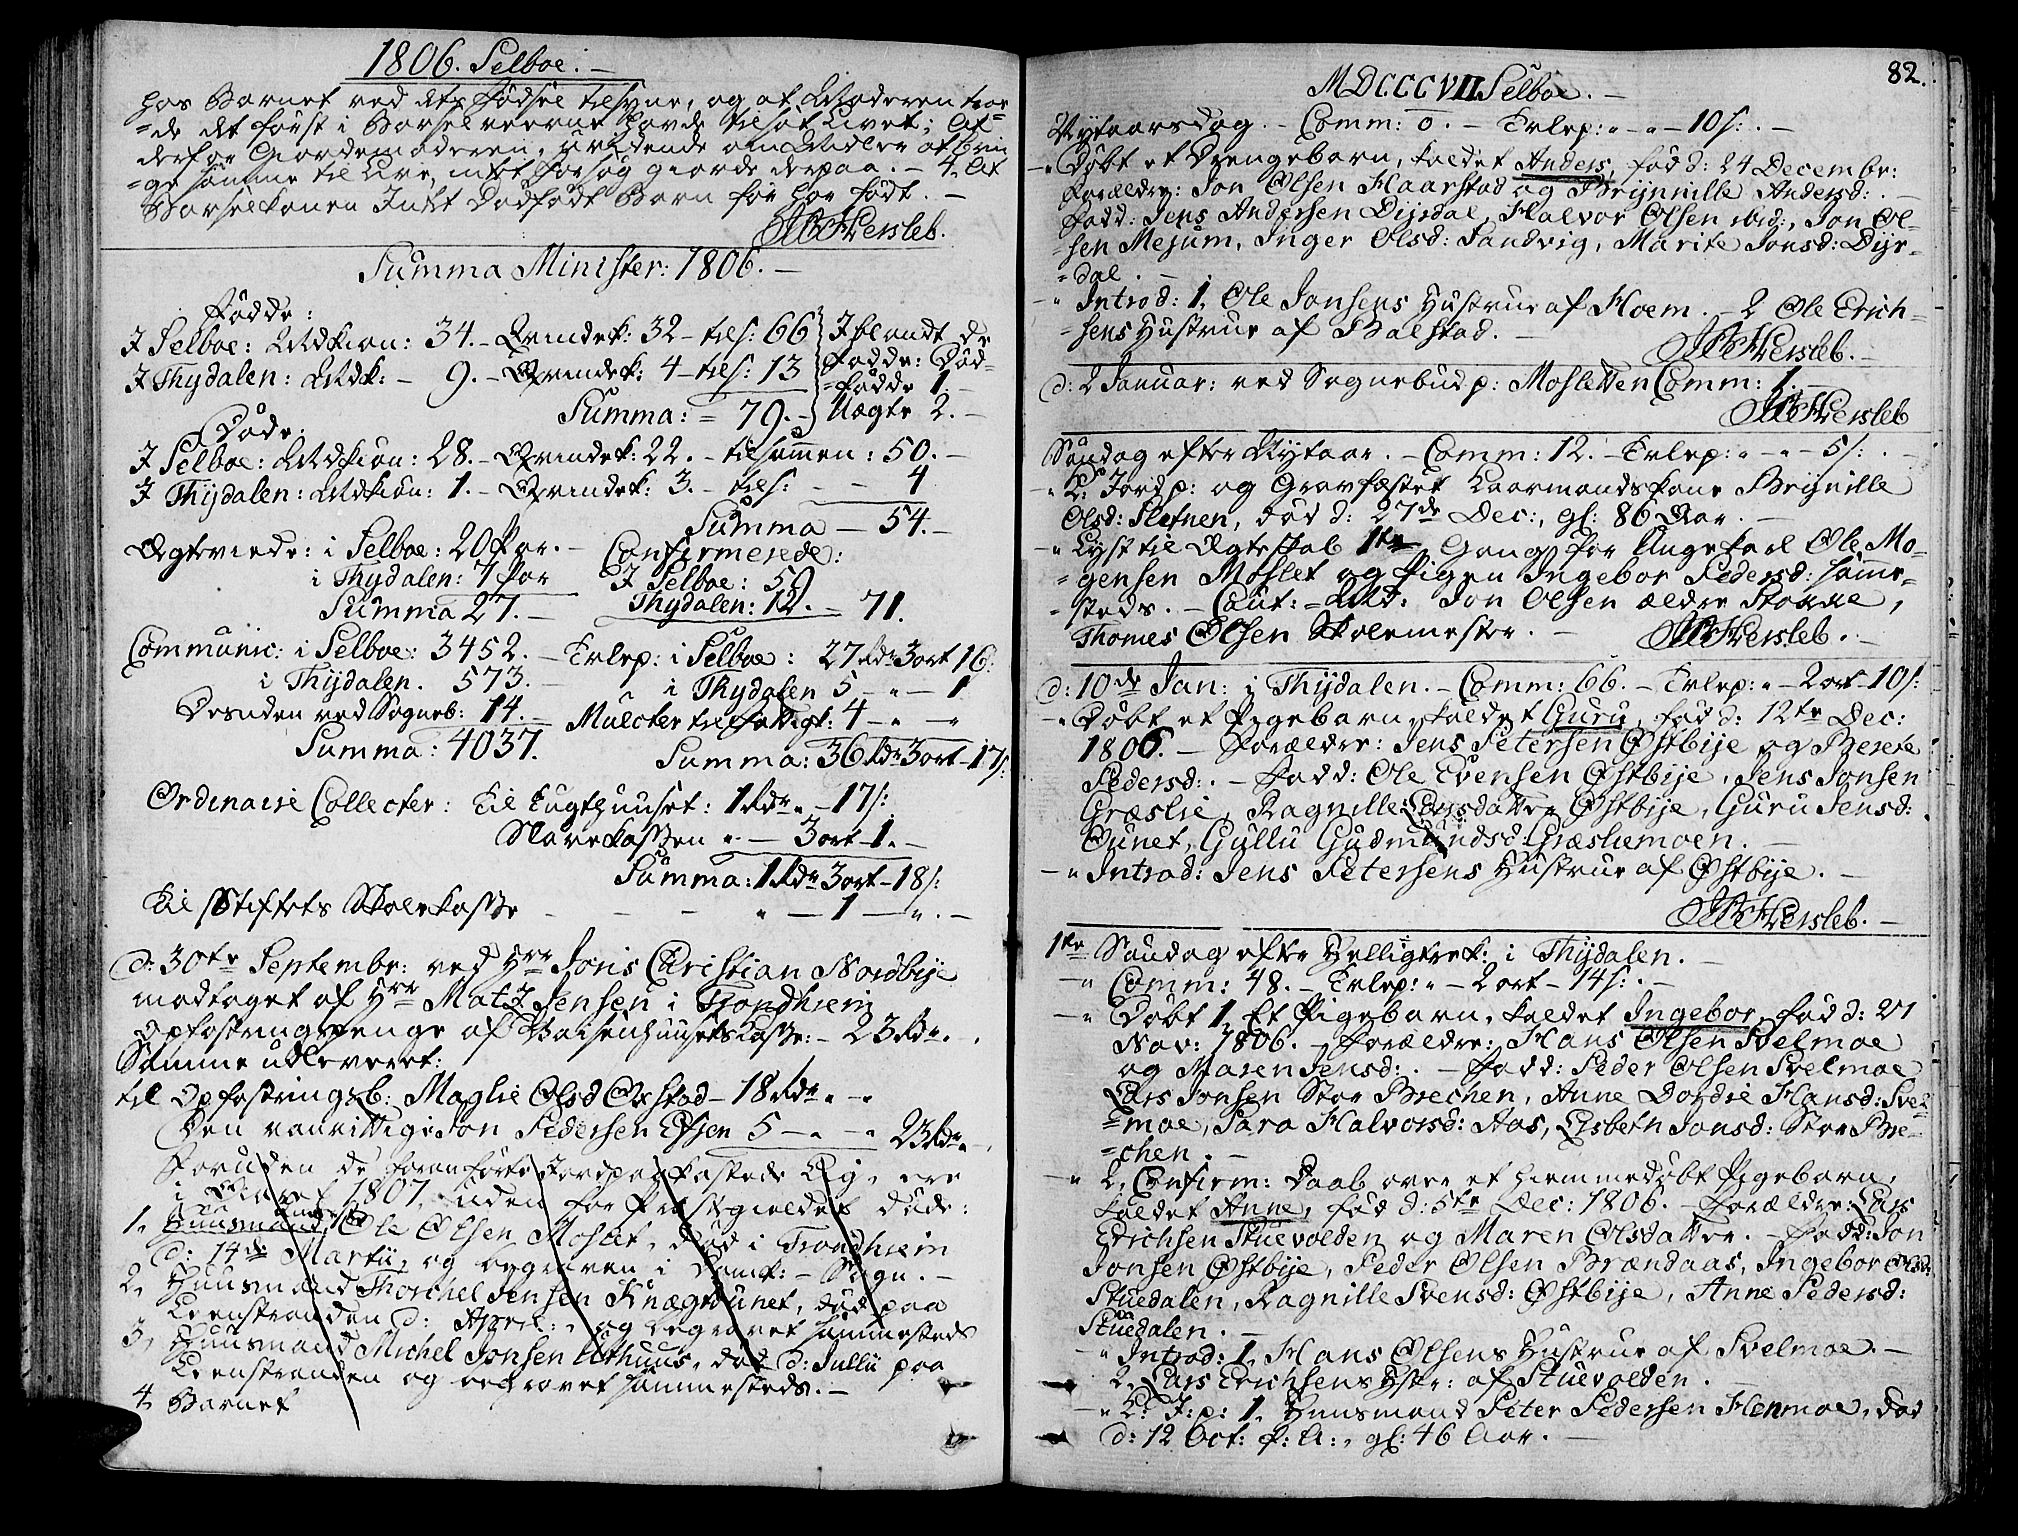 SAT, Ministerialprotokoller, klokkerbøker og fødselsregistre - Sør-Trøndelag, 695/L1140: Ministerialbok nr. 695A03, 1801-1815, s. 82